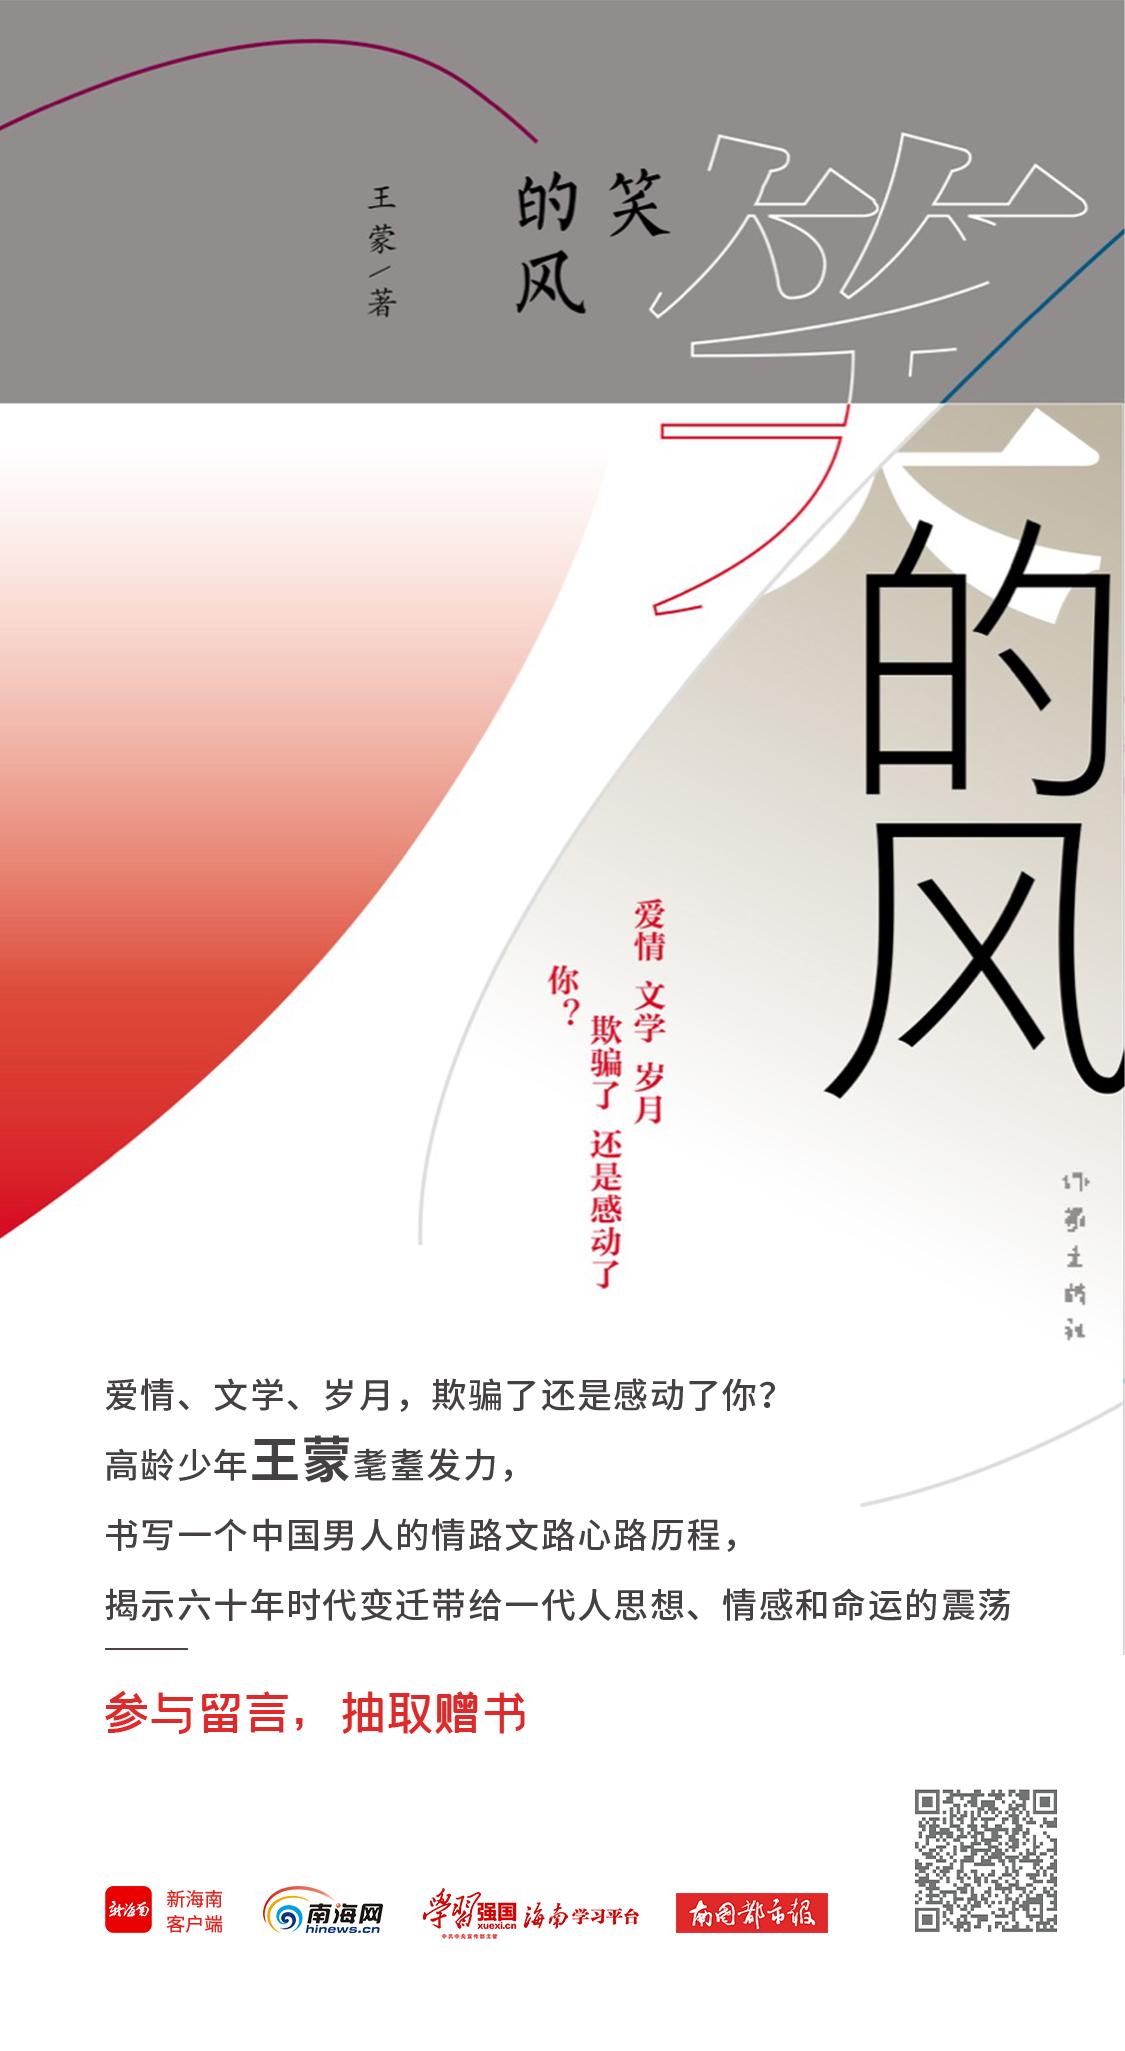 """好书锦鲤!新海南文化频道""""双节""""好书派送啦!"""